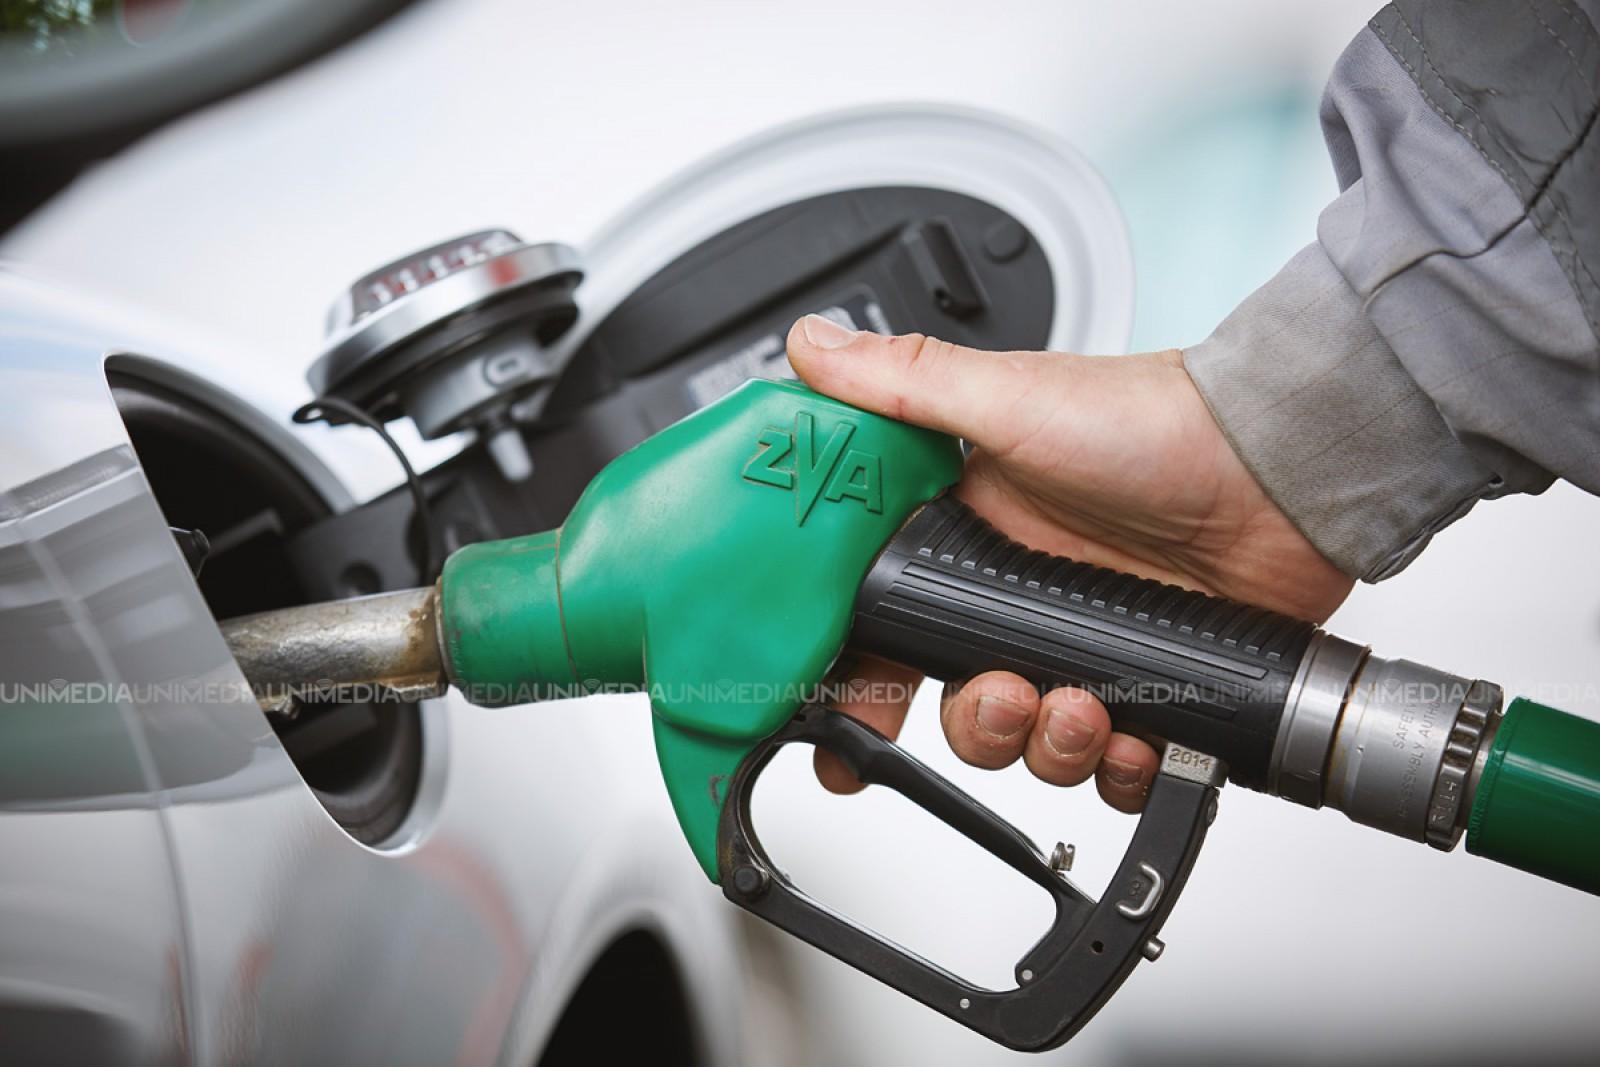 După o ieftinire de aproape un leu, prețul la benzină și motorină se majorează